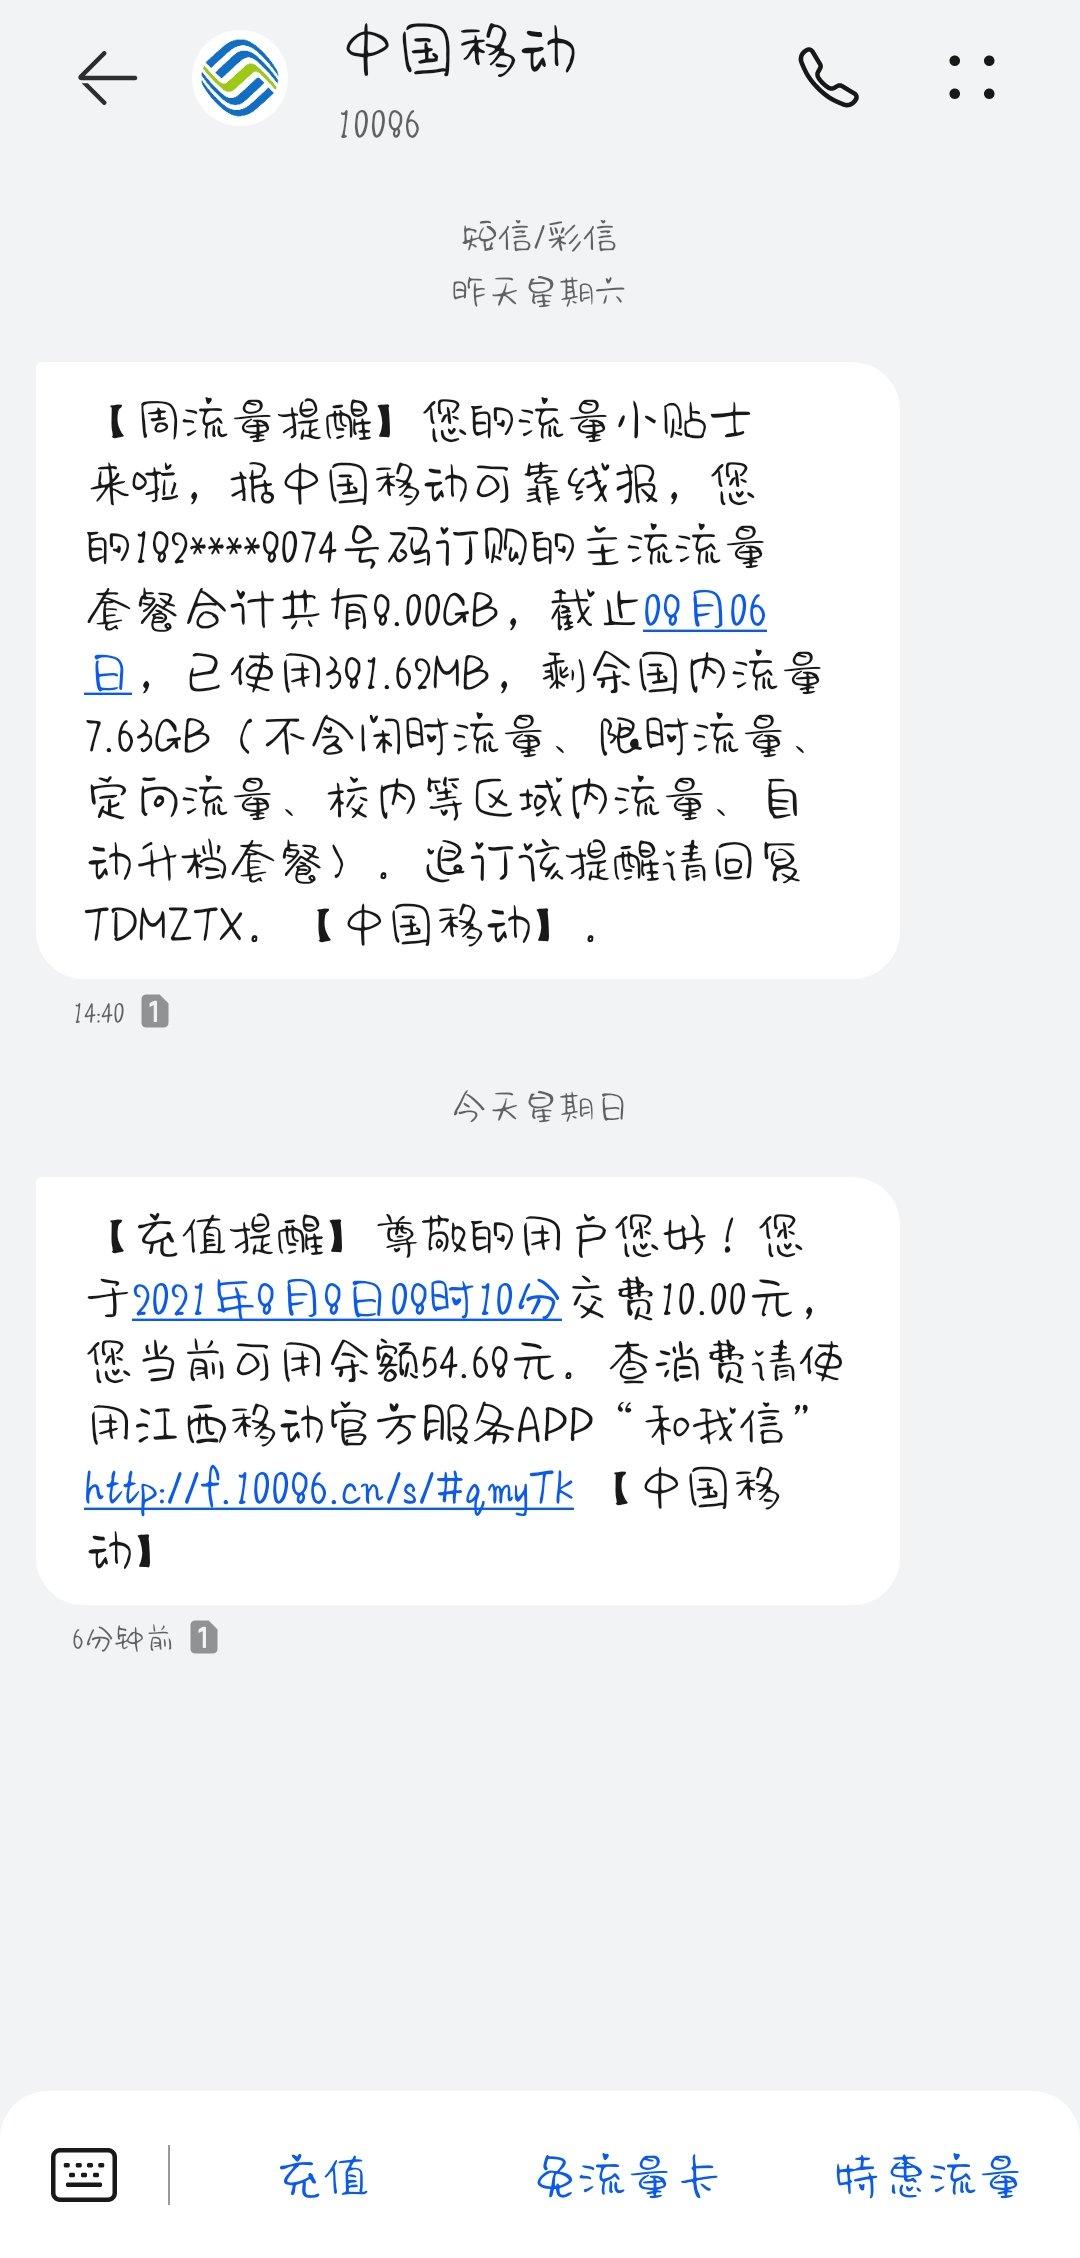 【活动介绍】广西农行百万好礼送最高通话费100元插图2